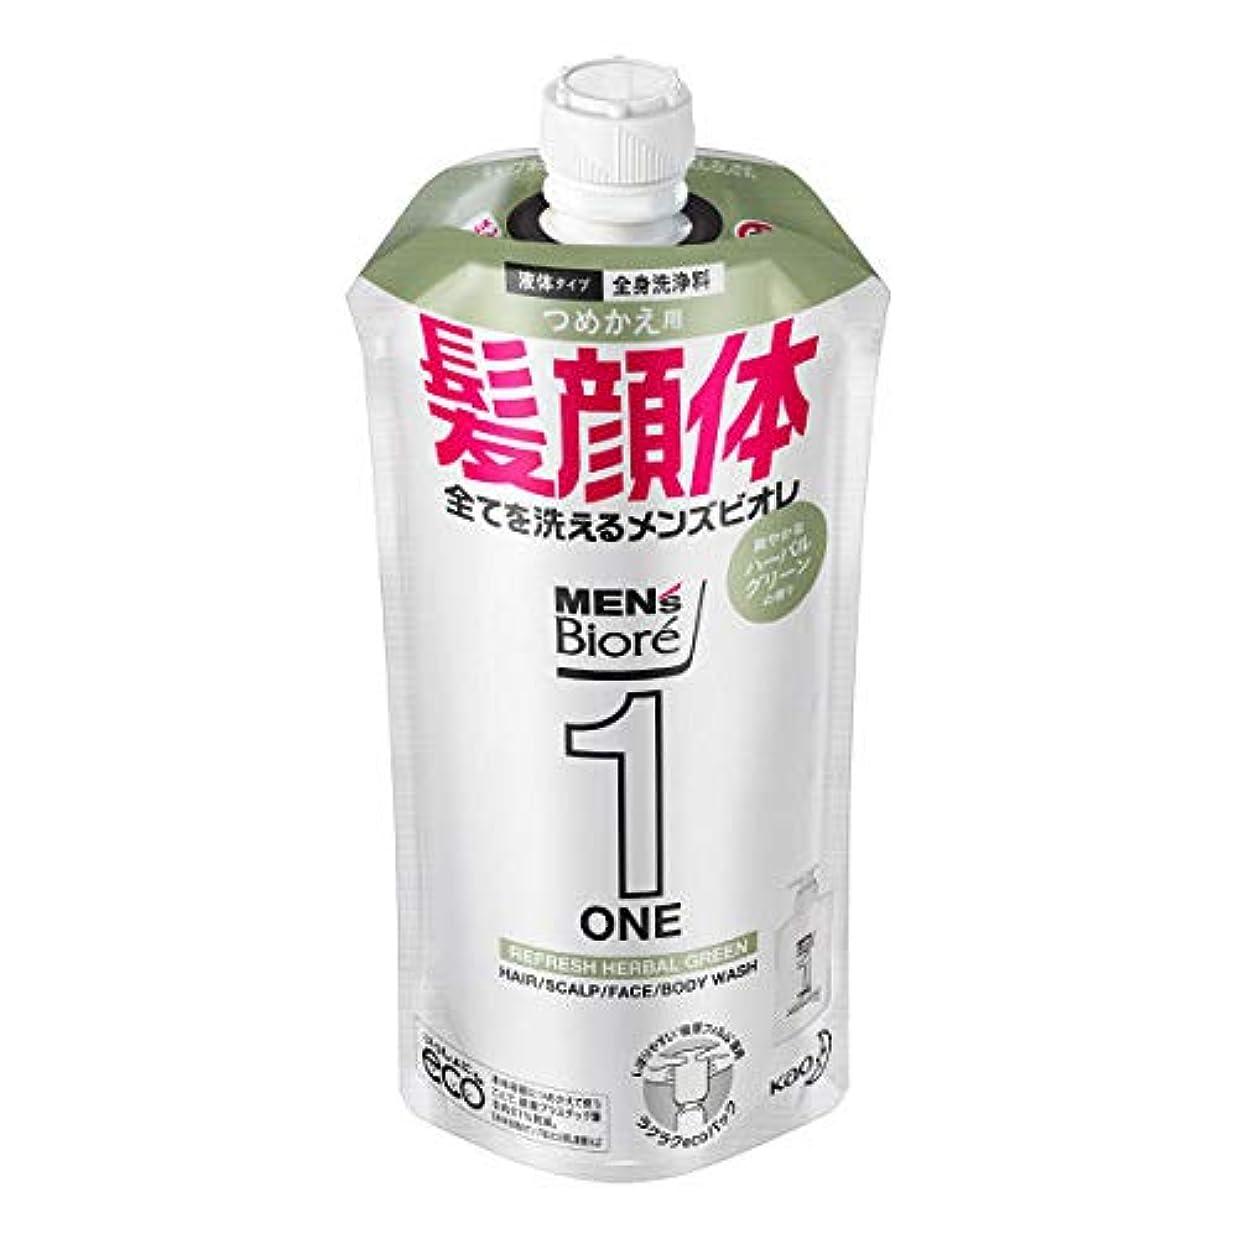 フィヨルド報復空白メンズビオレONE オールインワン全身洗浄料 爽やかなハーブルグリーンの香り つめかえ用 340mL